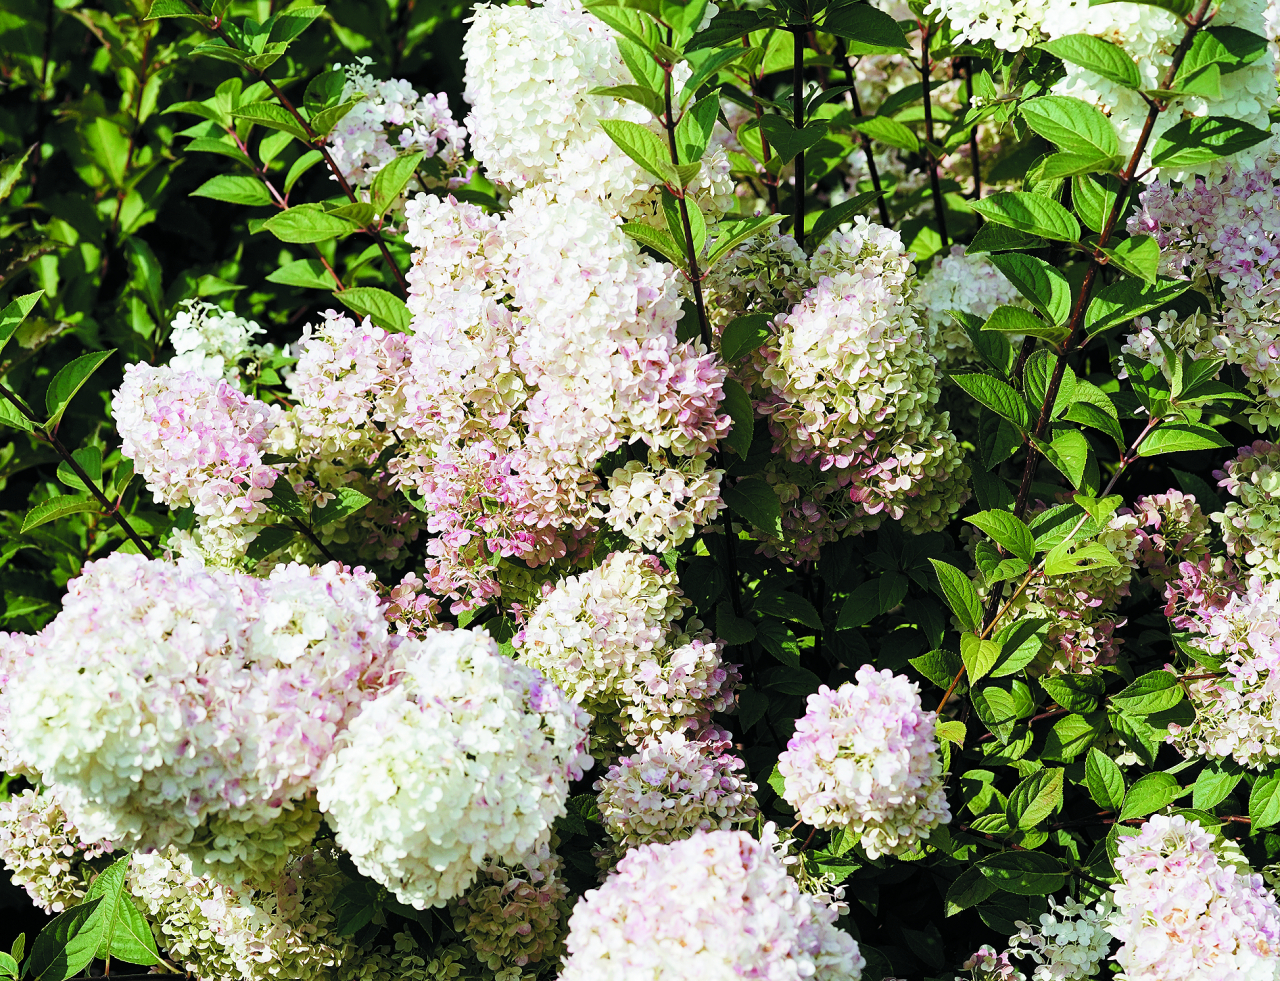 Sundae Fraise. Maigi rozā, ļoti pareizi ziedi. Veidojas blīvas ziedkopas, krūma augstums – no 1,2 līdz 1,5 m. Ja šī hortenzija iedēstīta mālainā zemē, tā perfekti demonstrē savu īpašo raksturu.